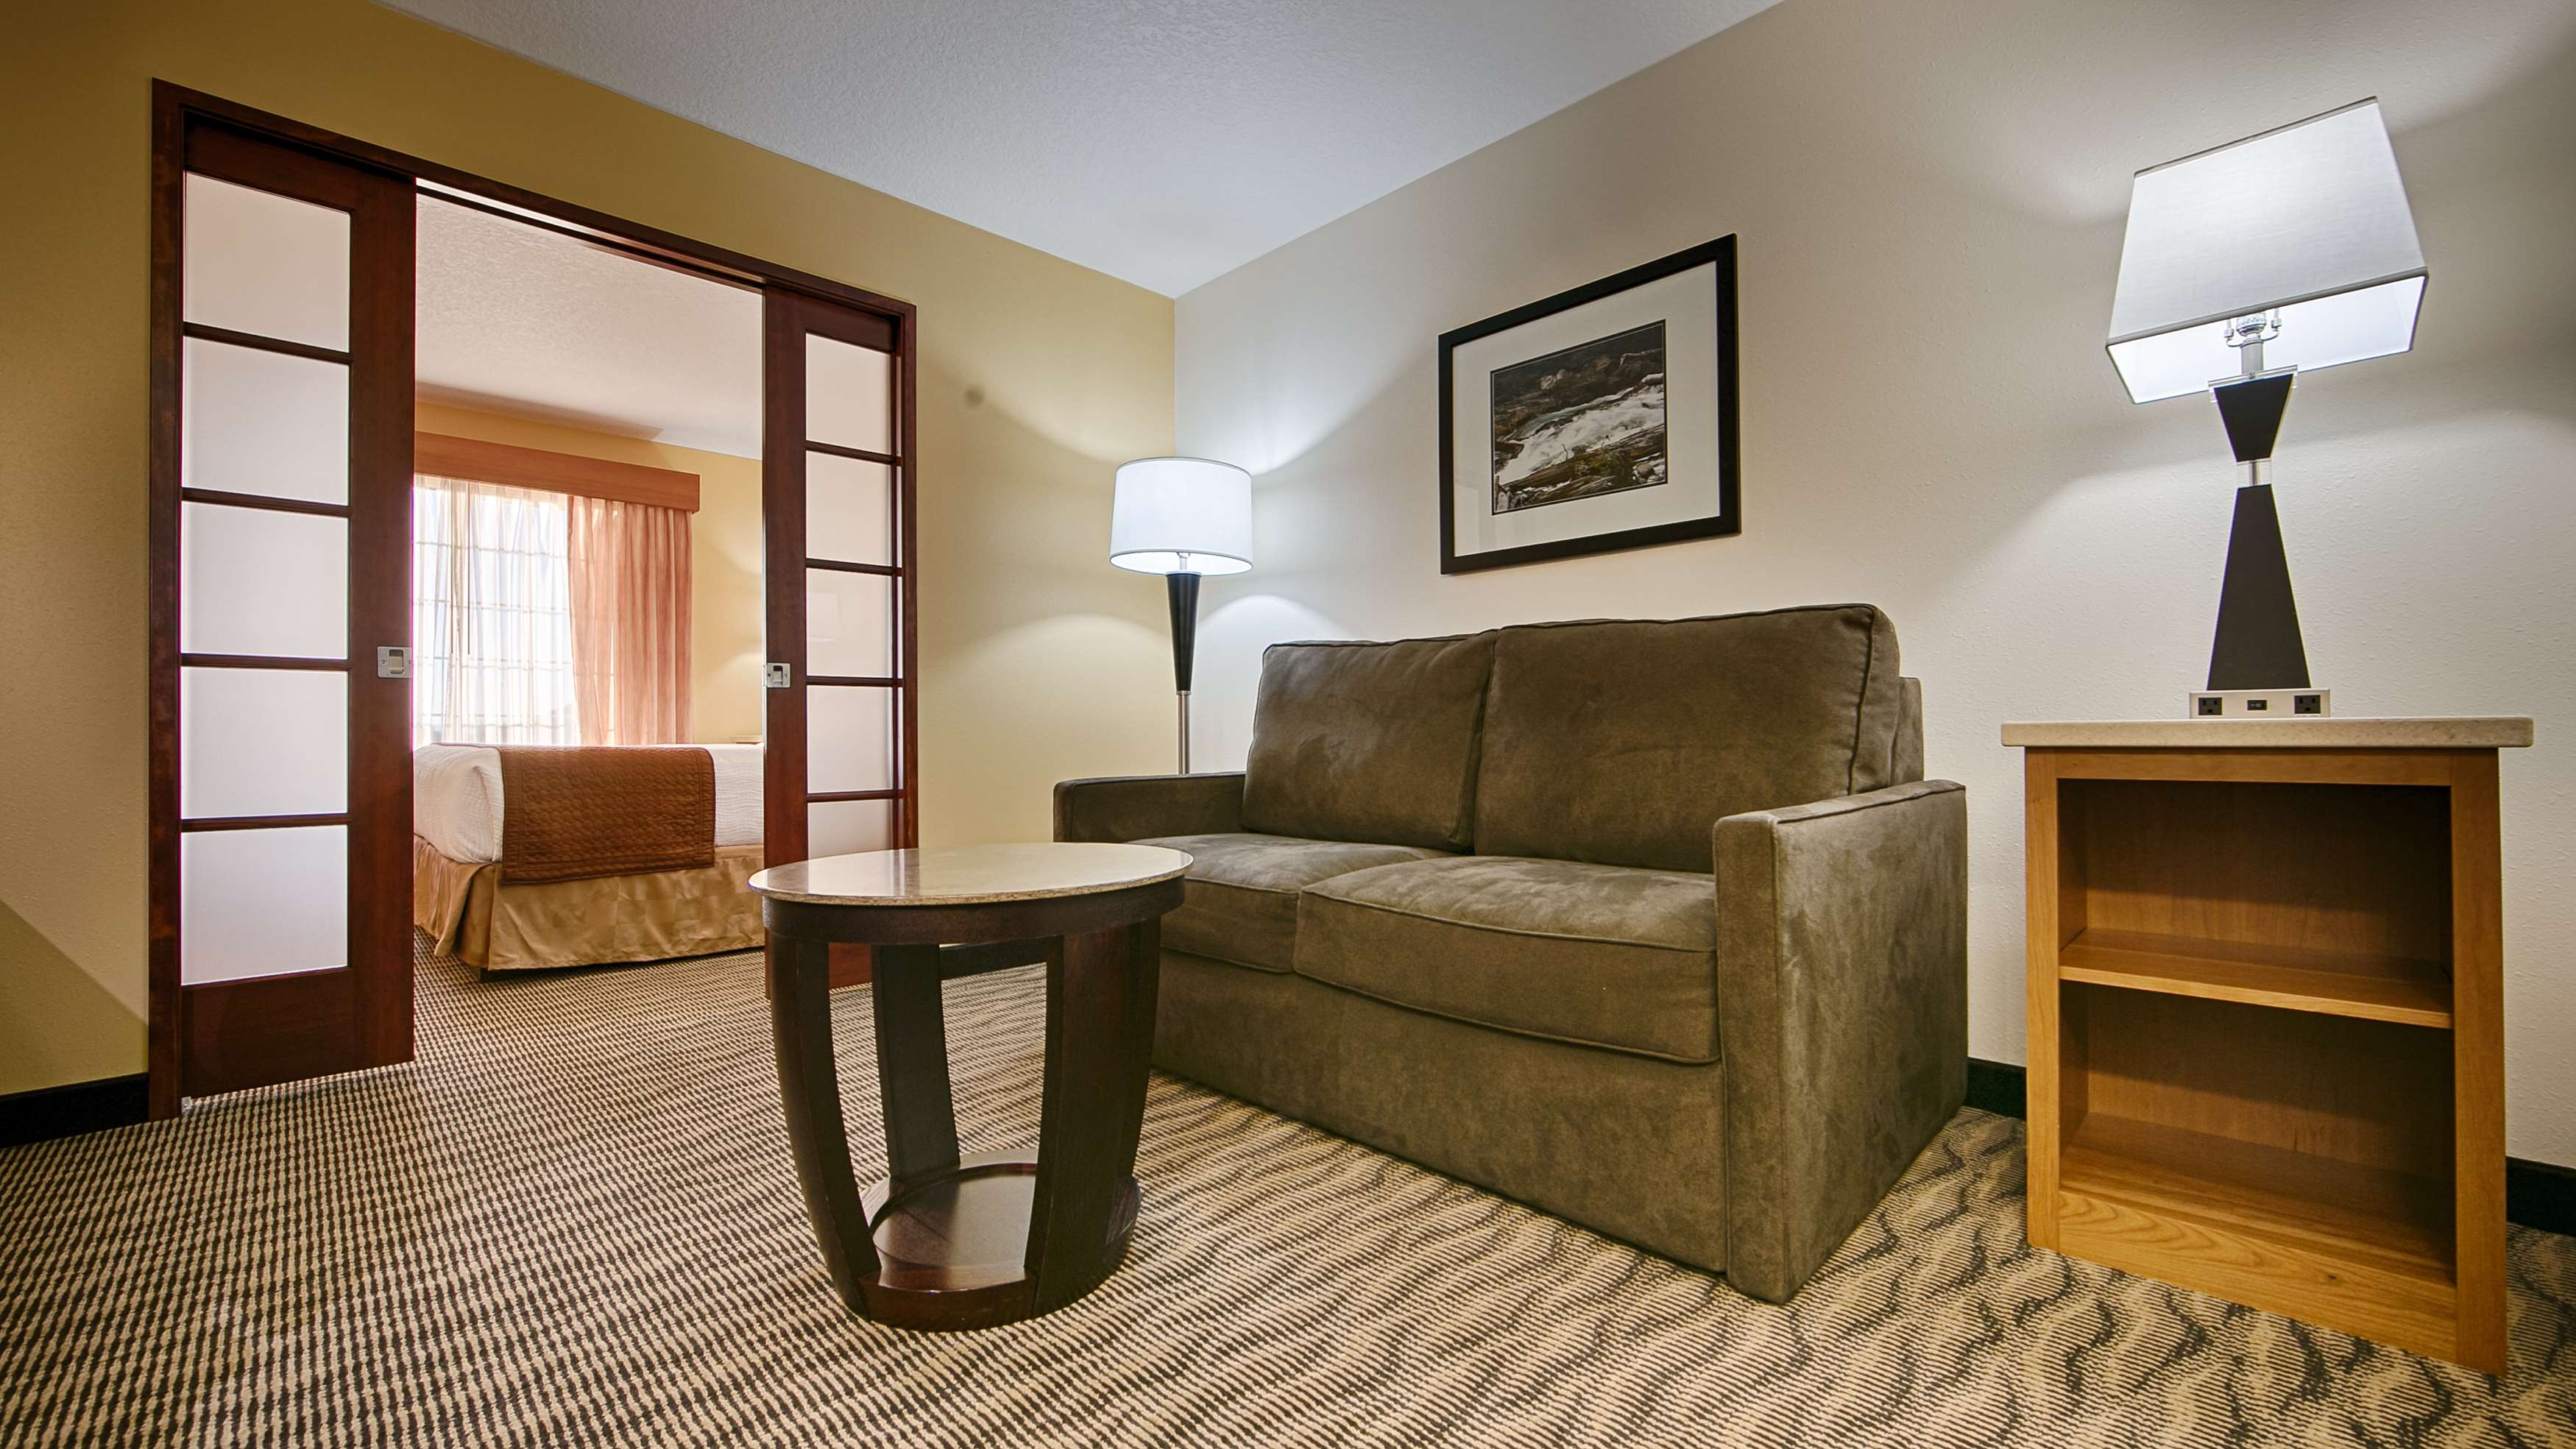 Best Western Plus Park Place Inn & Suites image 13